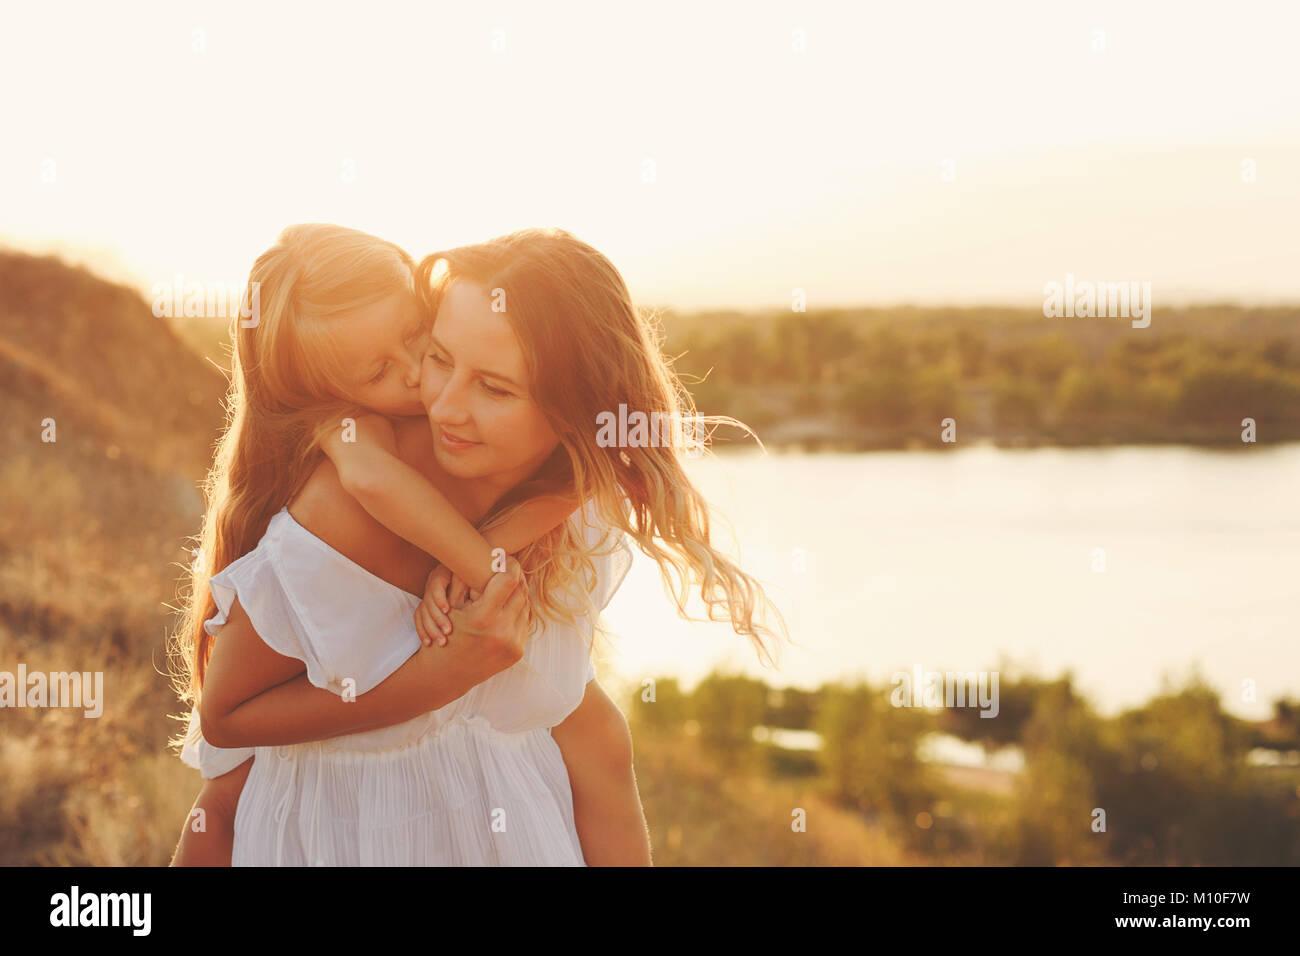 Madre Piggyback la figlia. Bambina è felice e baci madre sulla guancia. Divertimento per tutta la famiglia Immagini Stock